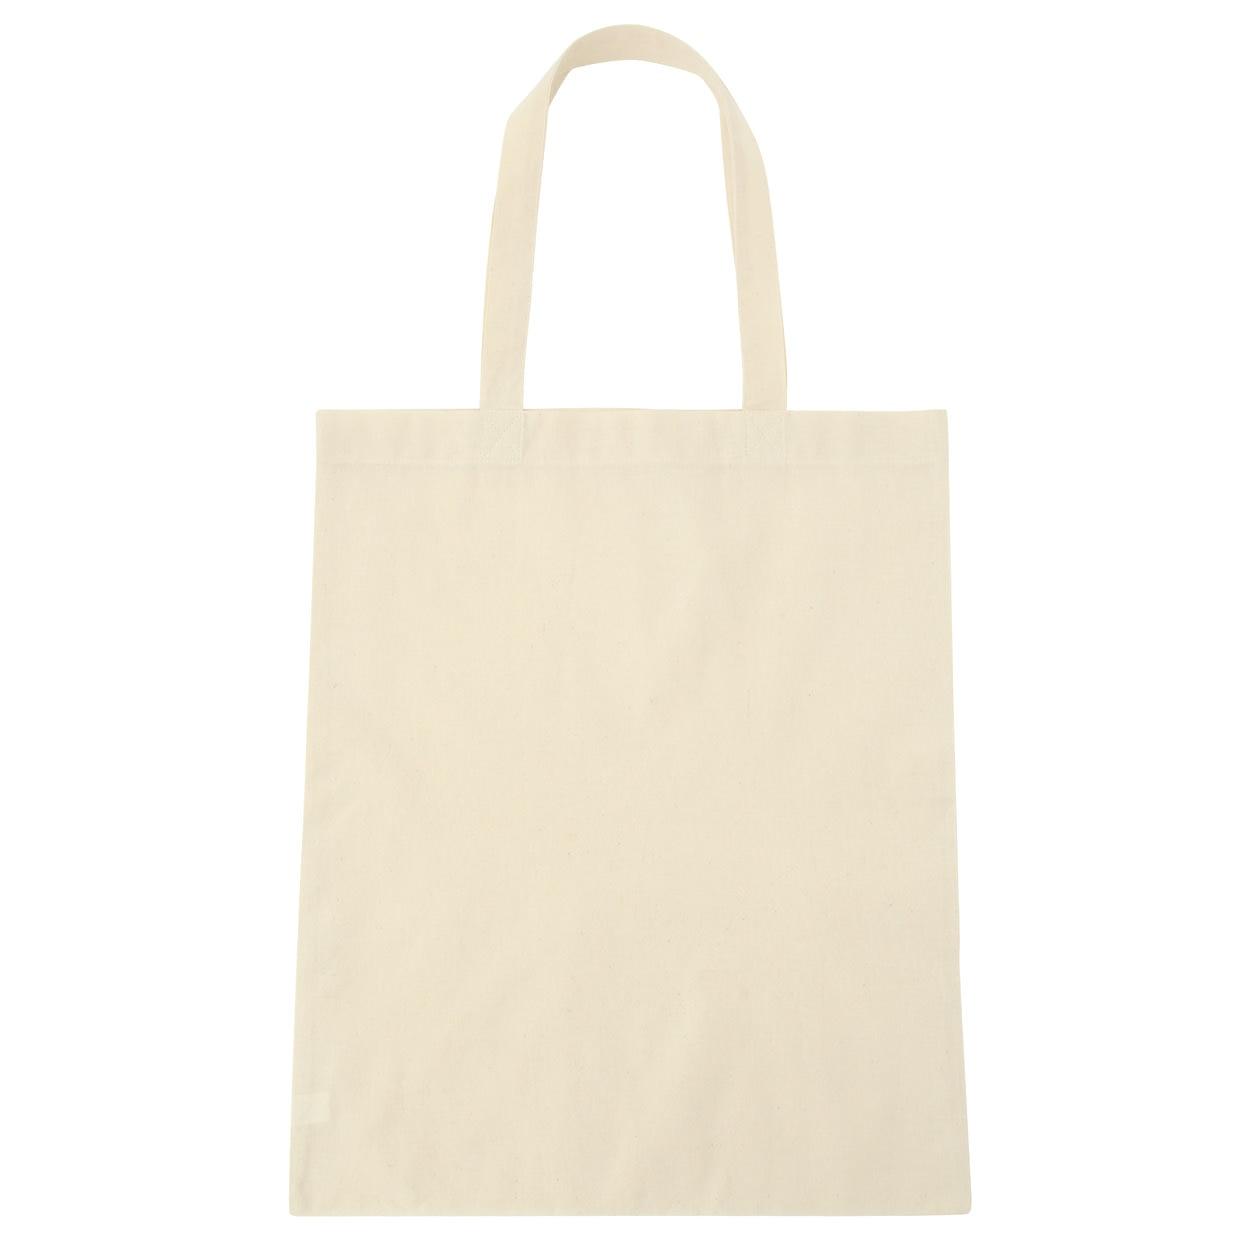 Organic My Organic Bag Cotton Bag Organic Cotton A3Muji My Cotton A3Muji VUMqSpzG